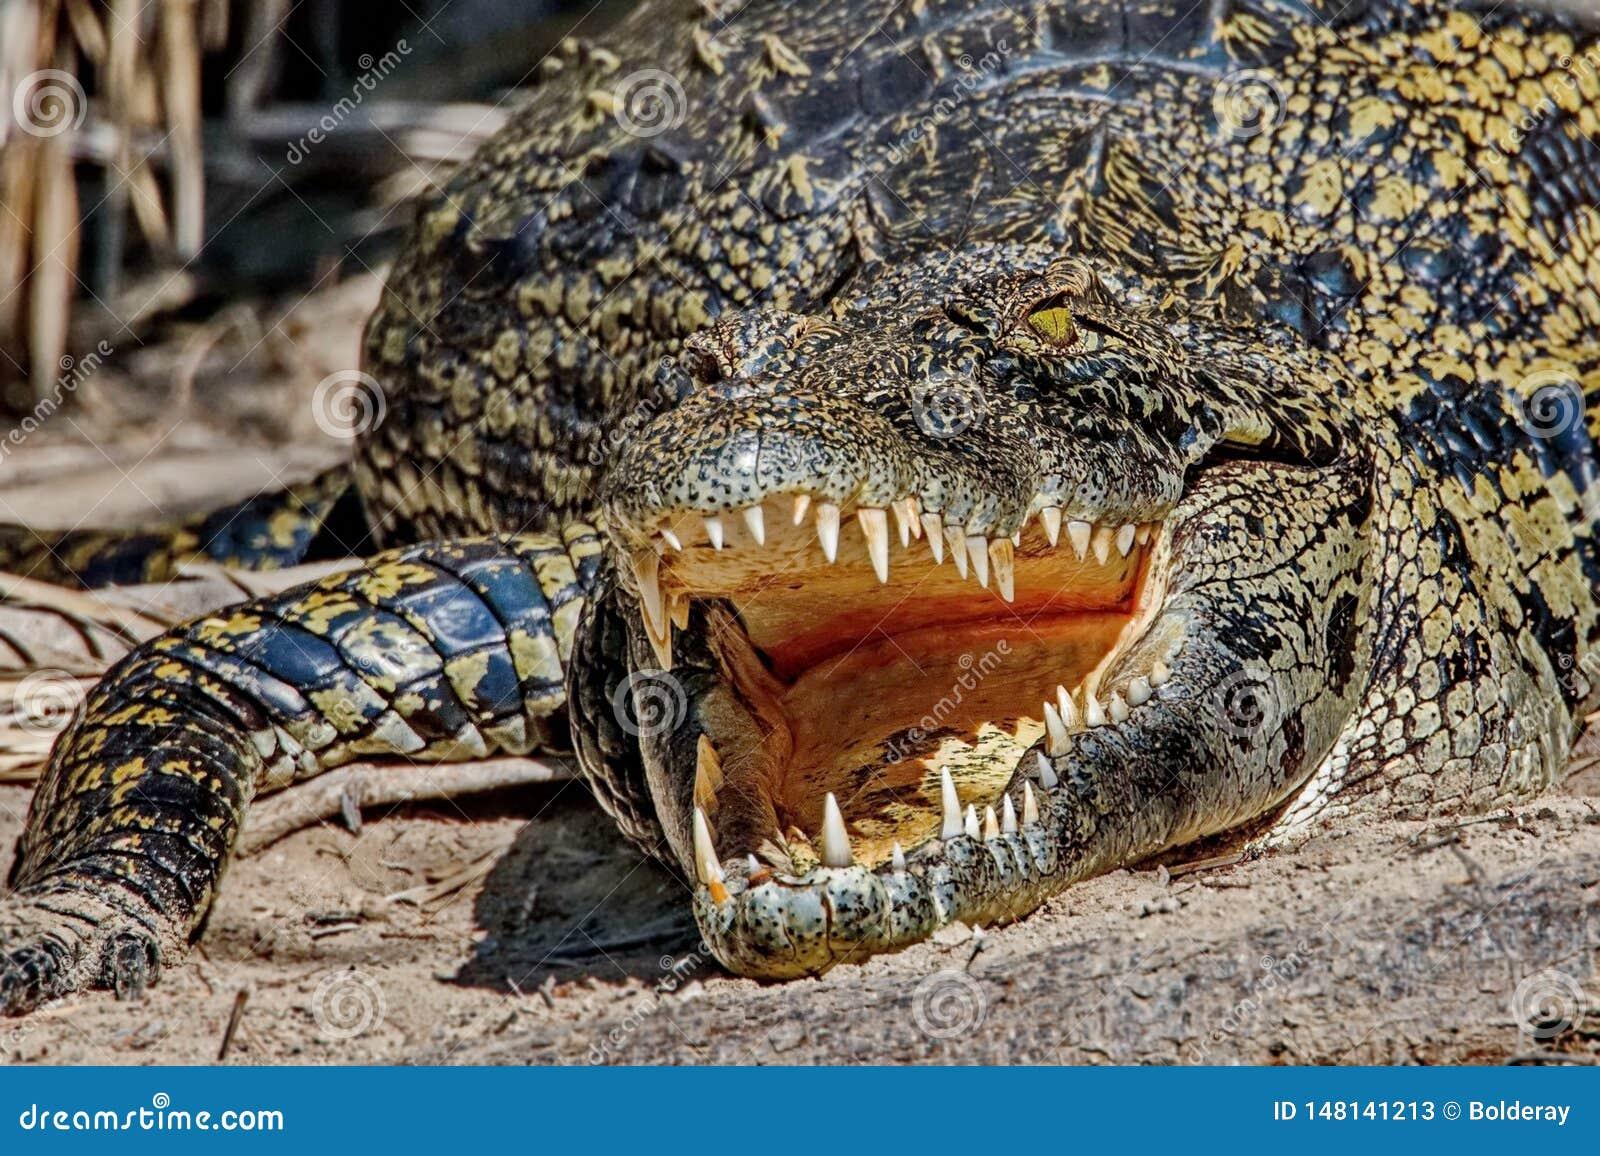 Δόντια του κροκοδείλου Δόντια ενός κροκοδείλου Κροκόδειλοι Lat Το Crocodilia είναι μεγάλα υδρόβια ερπετά που ζουν